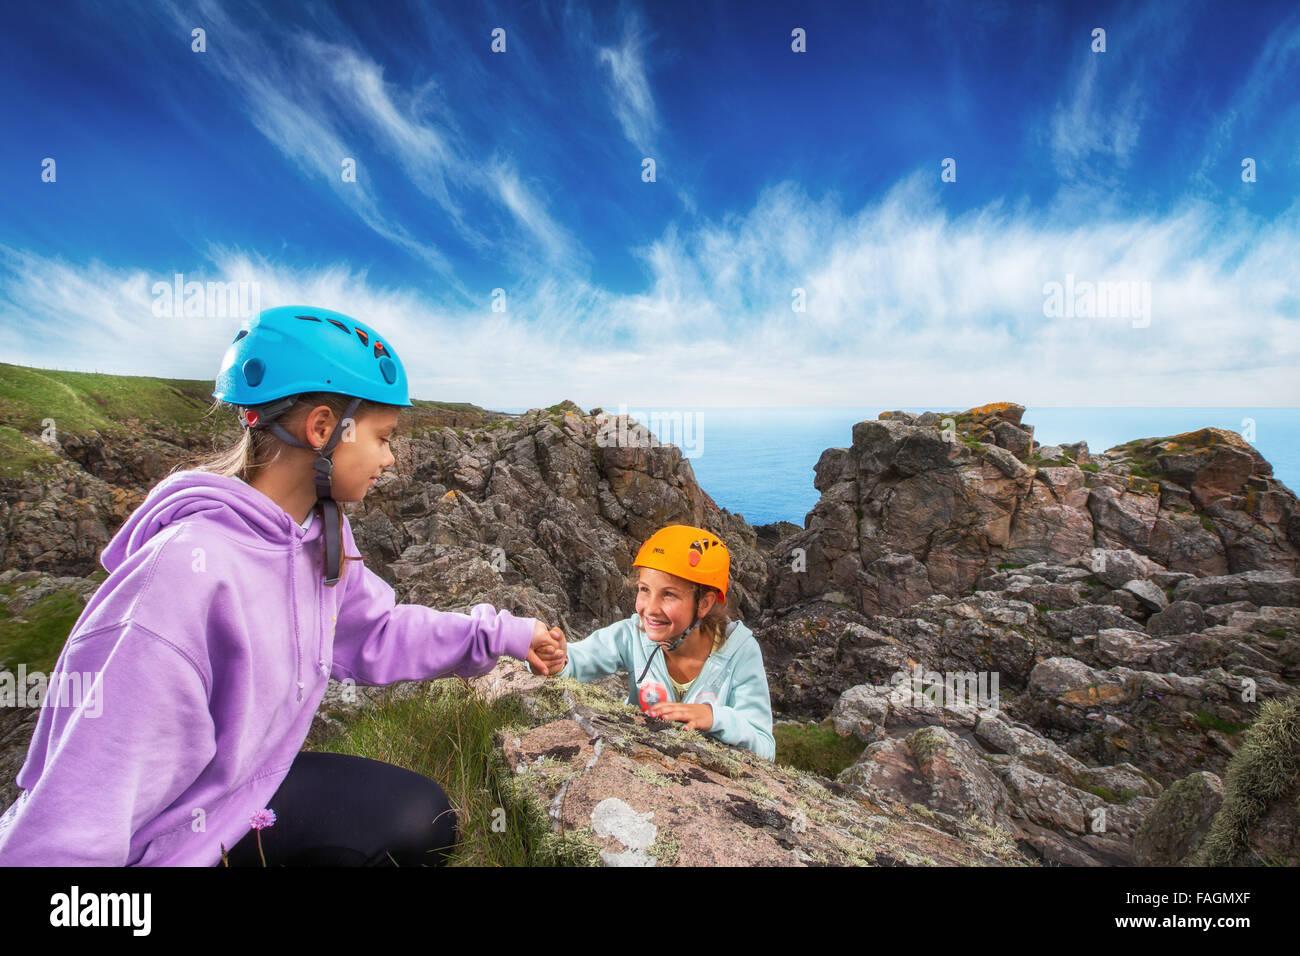 Kletterausrüstung In Der Nähe : Klippen klettern stockfotos & bilder alamy